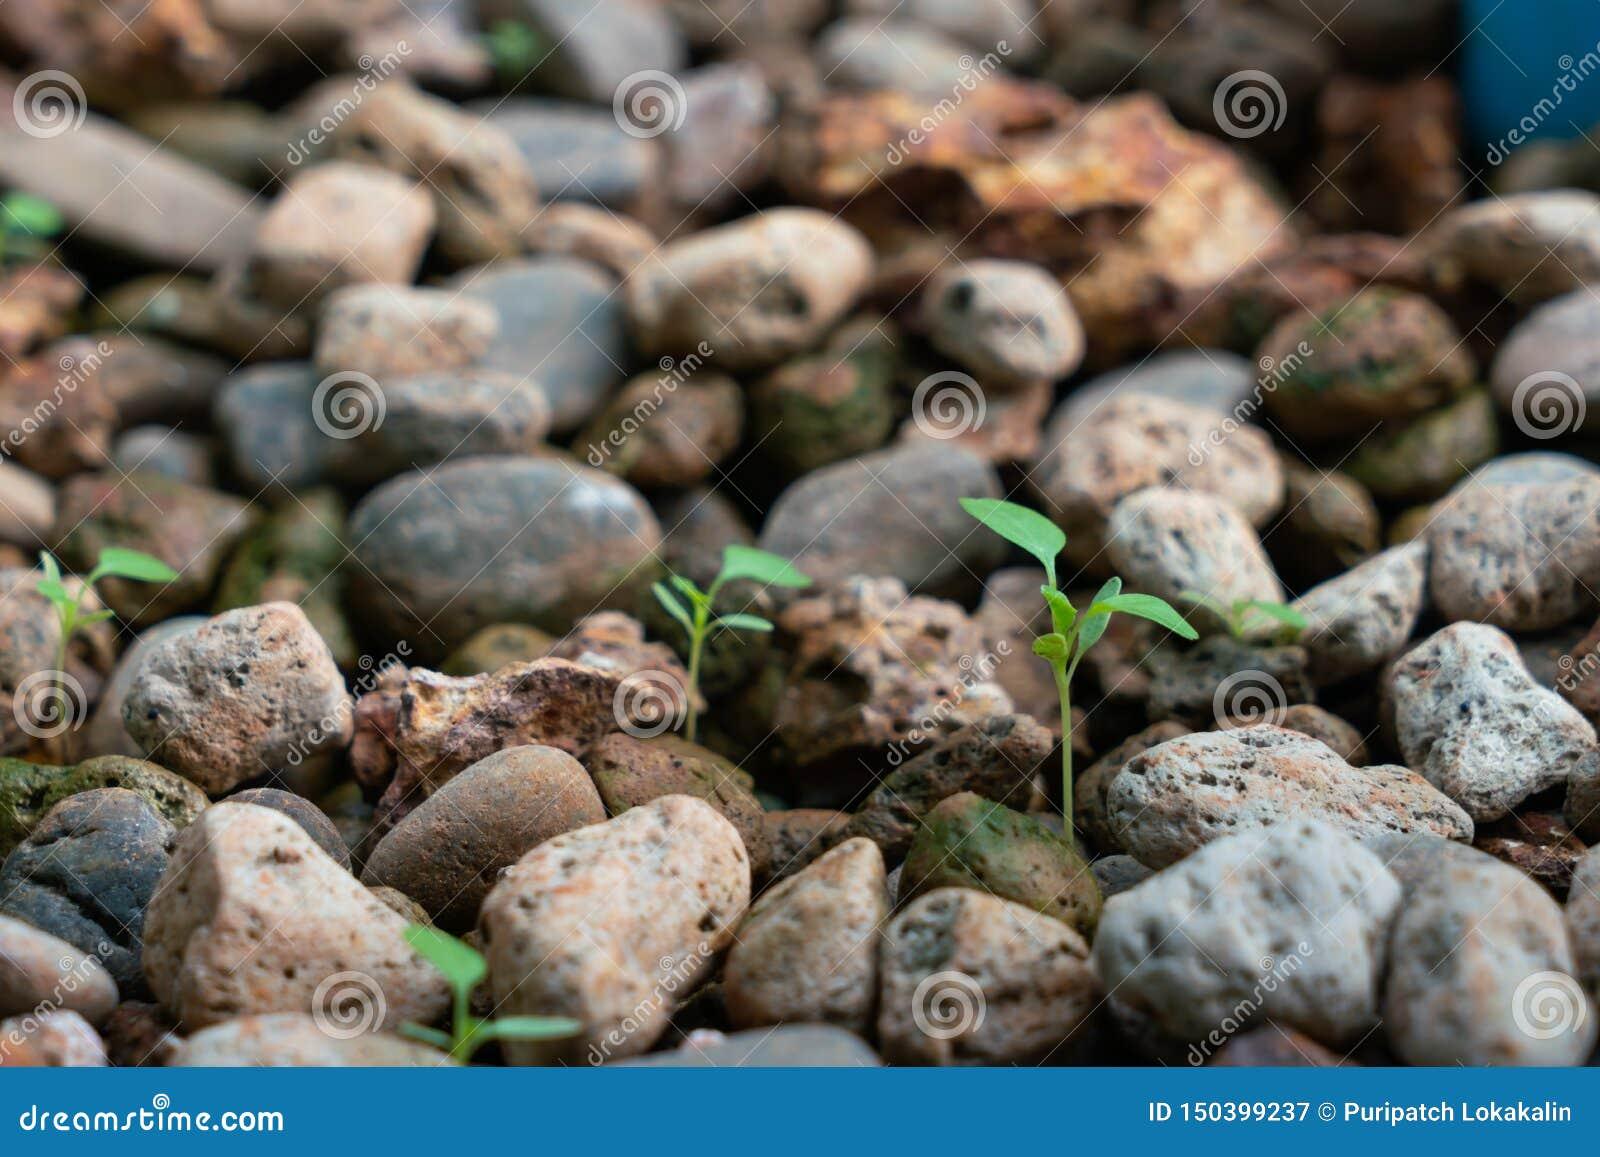 Το φυτό αυξάνεται στο aquaponic σύστημα